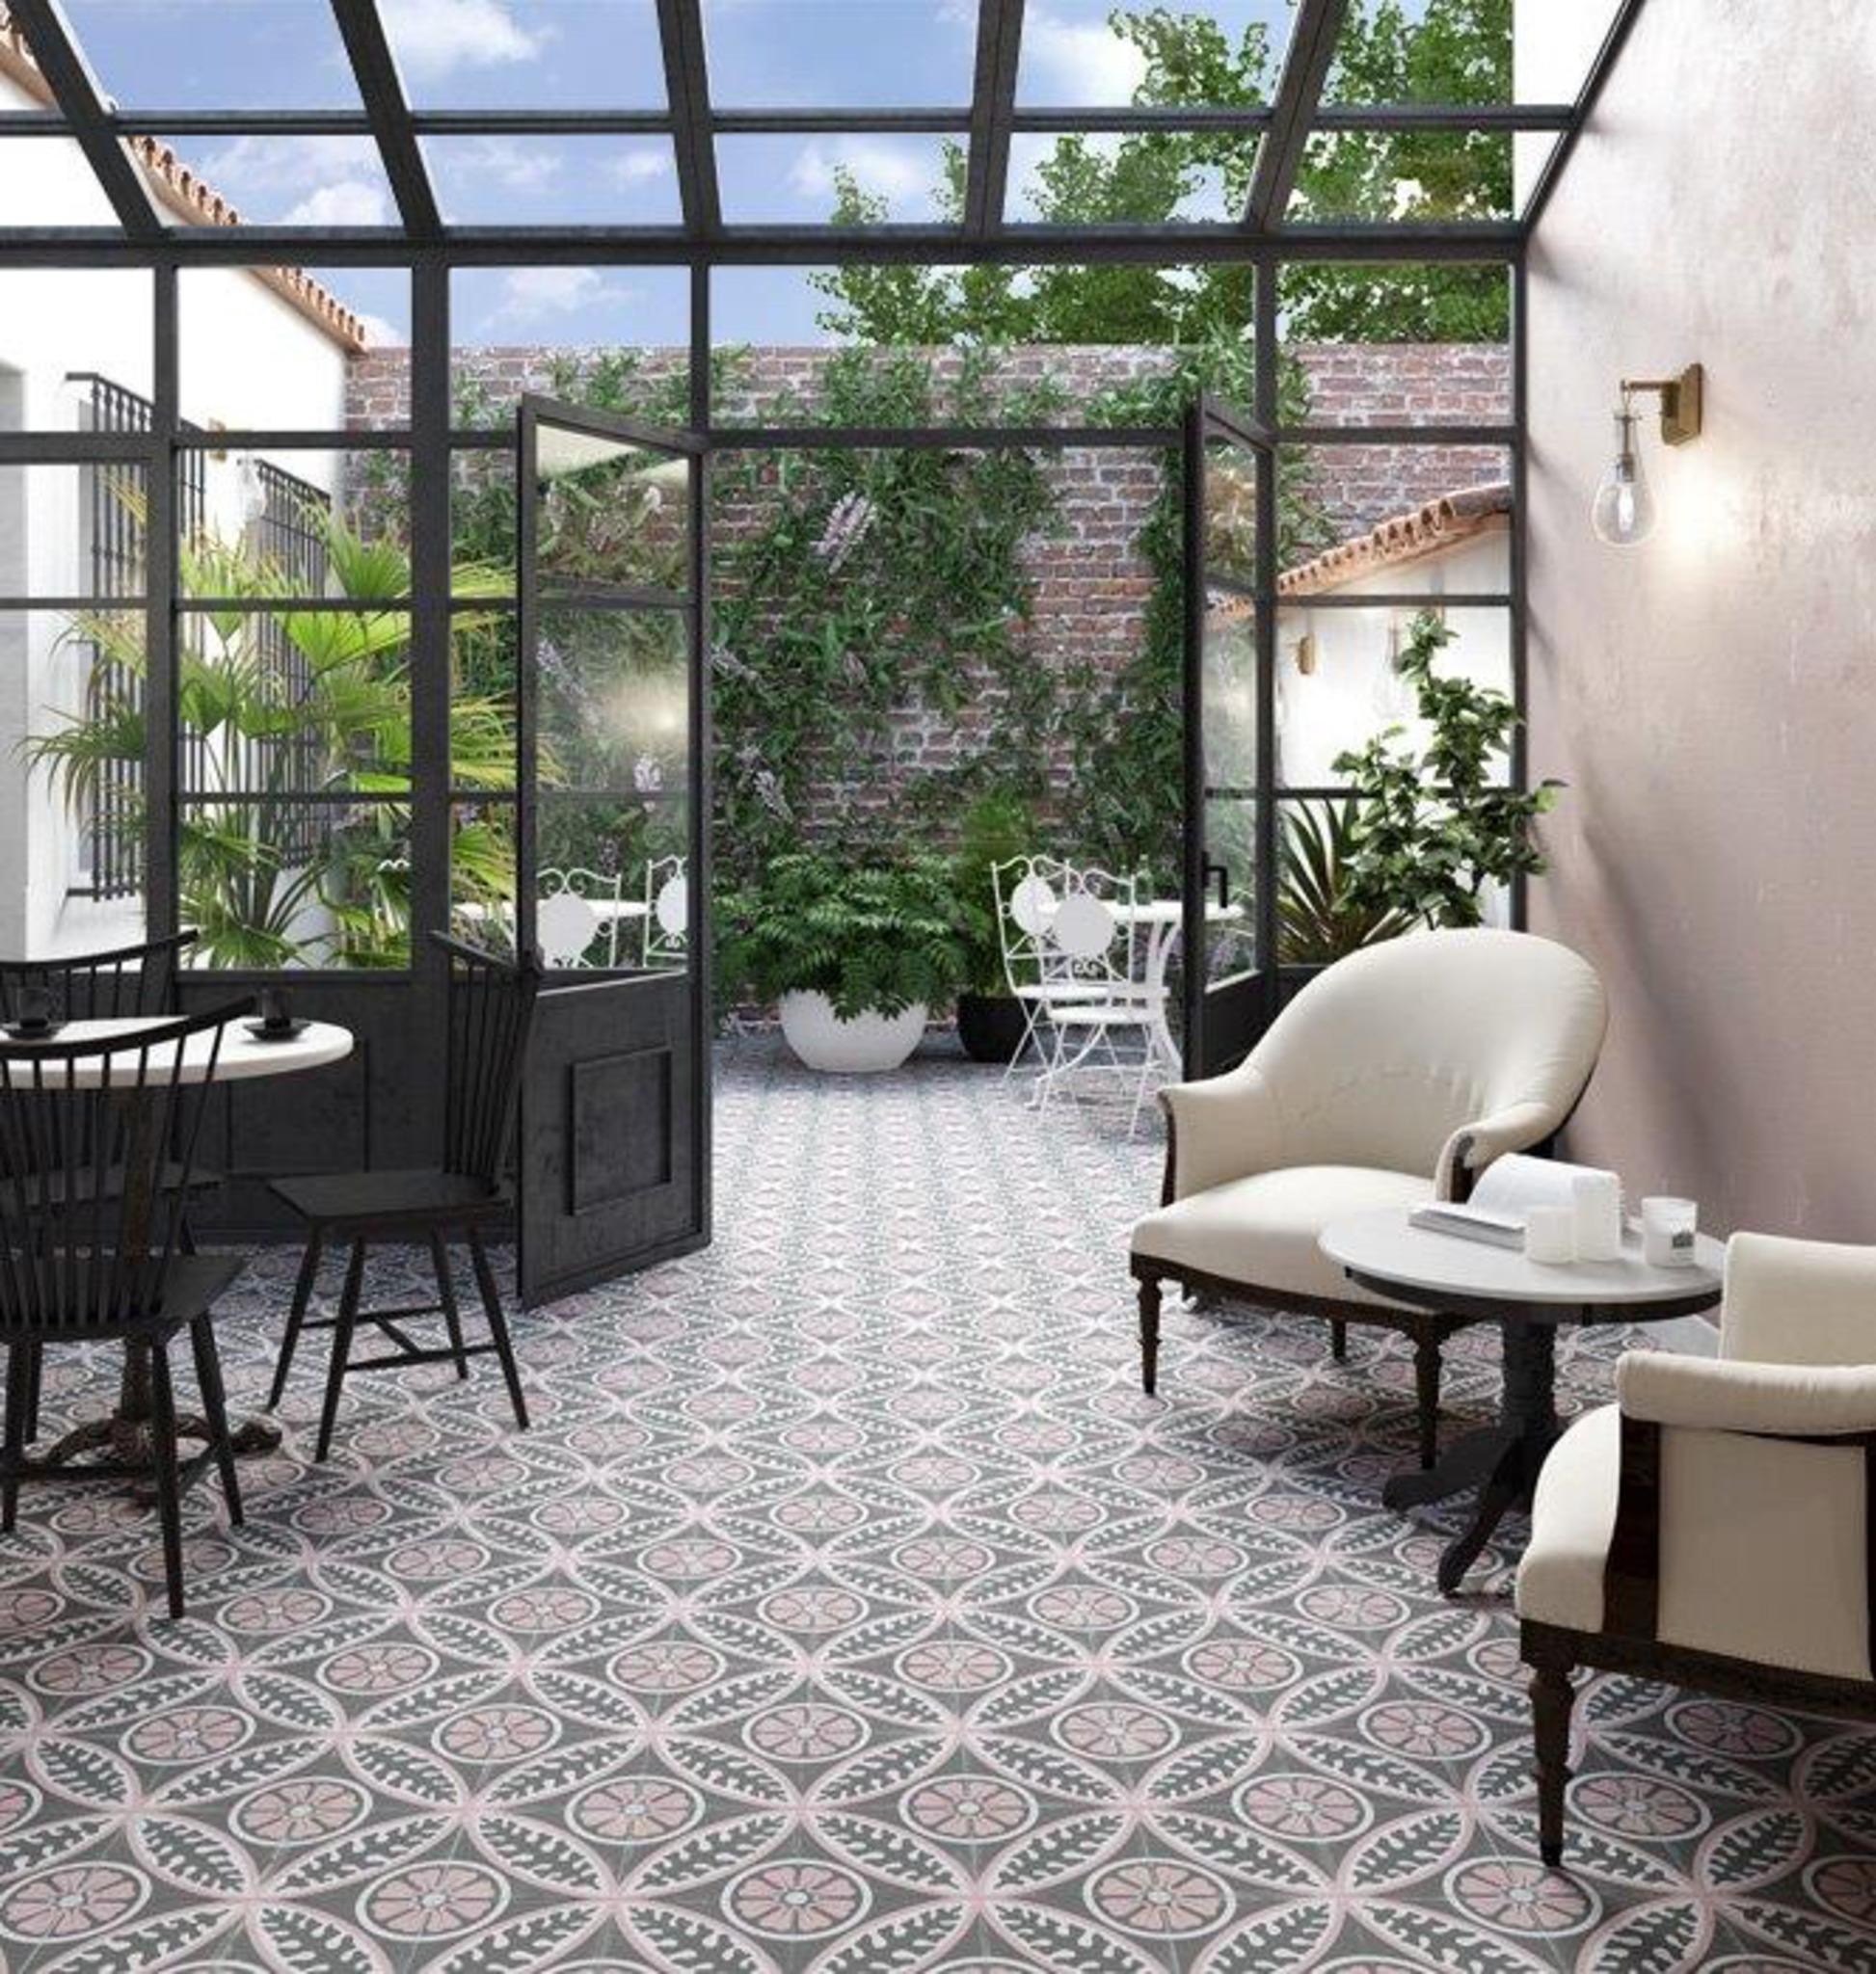 house of stones in 7111 parndorf naturstein fliesen und parkett alles aus einer hand. Black Bedroom Furniture Sets. Home Design Ideas